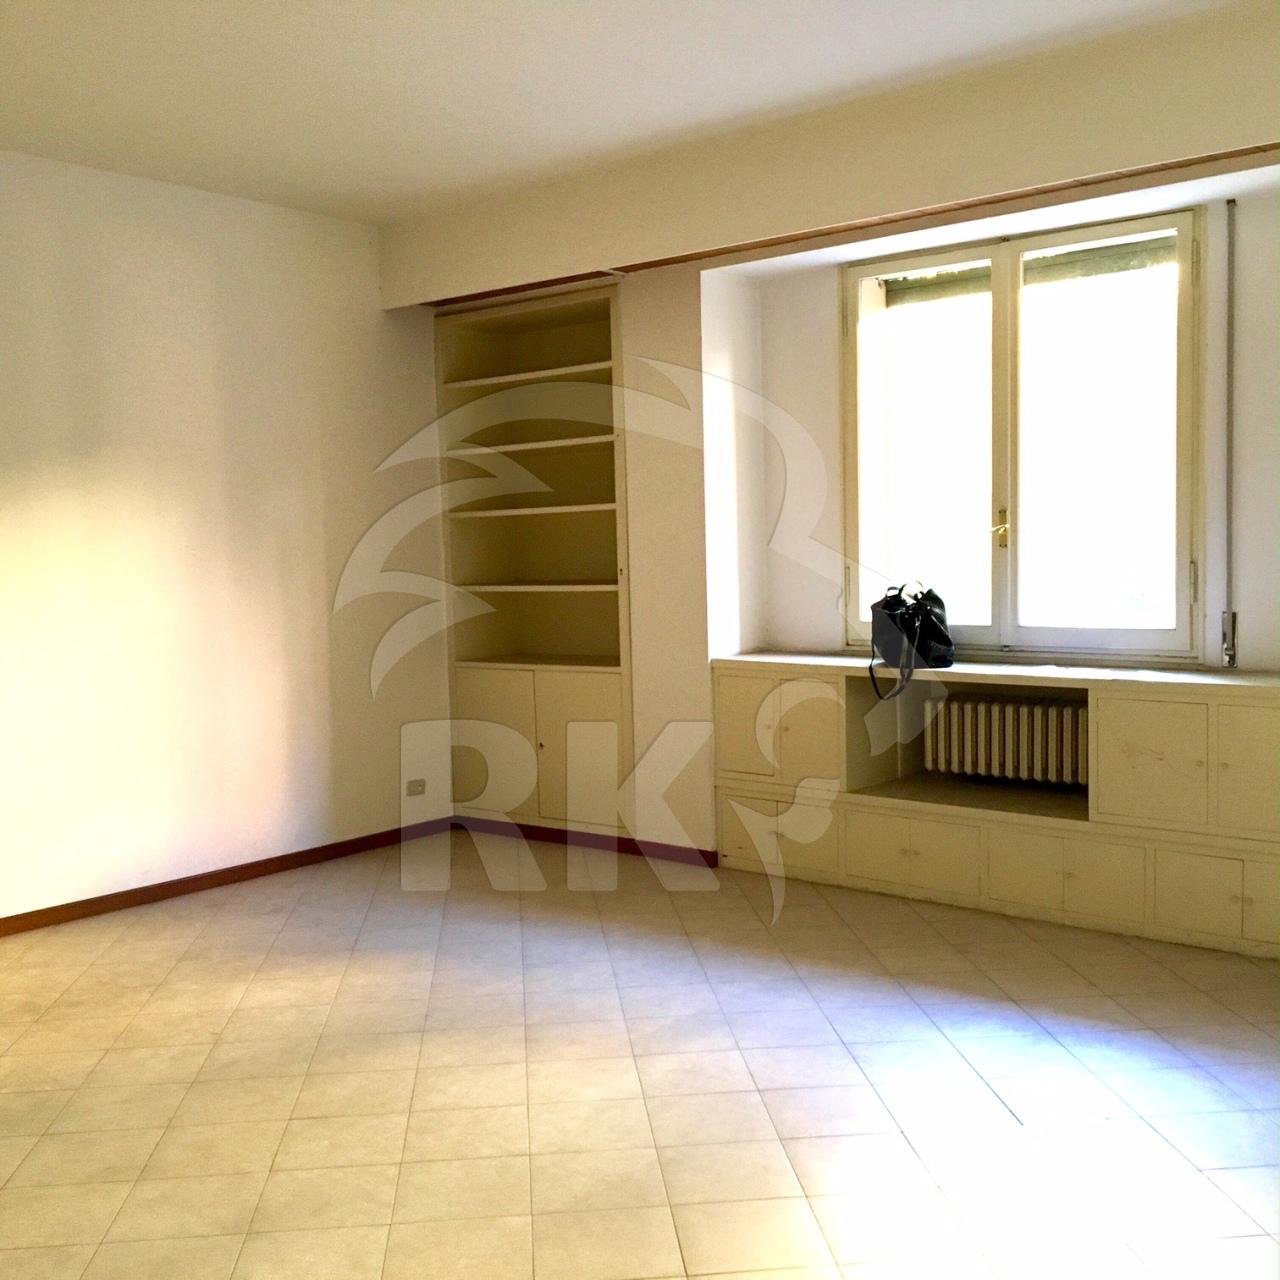 Appartamento quadrilocale in vendita bologna murri annunci for Costo impianto idraulico appartamento 100 mq